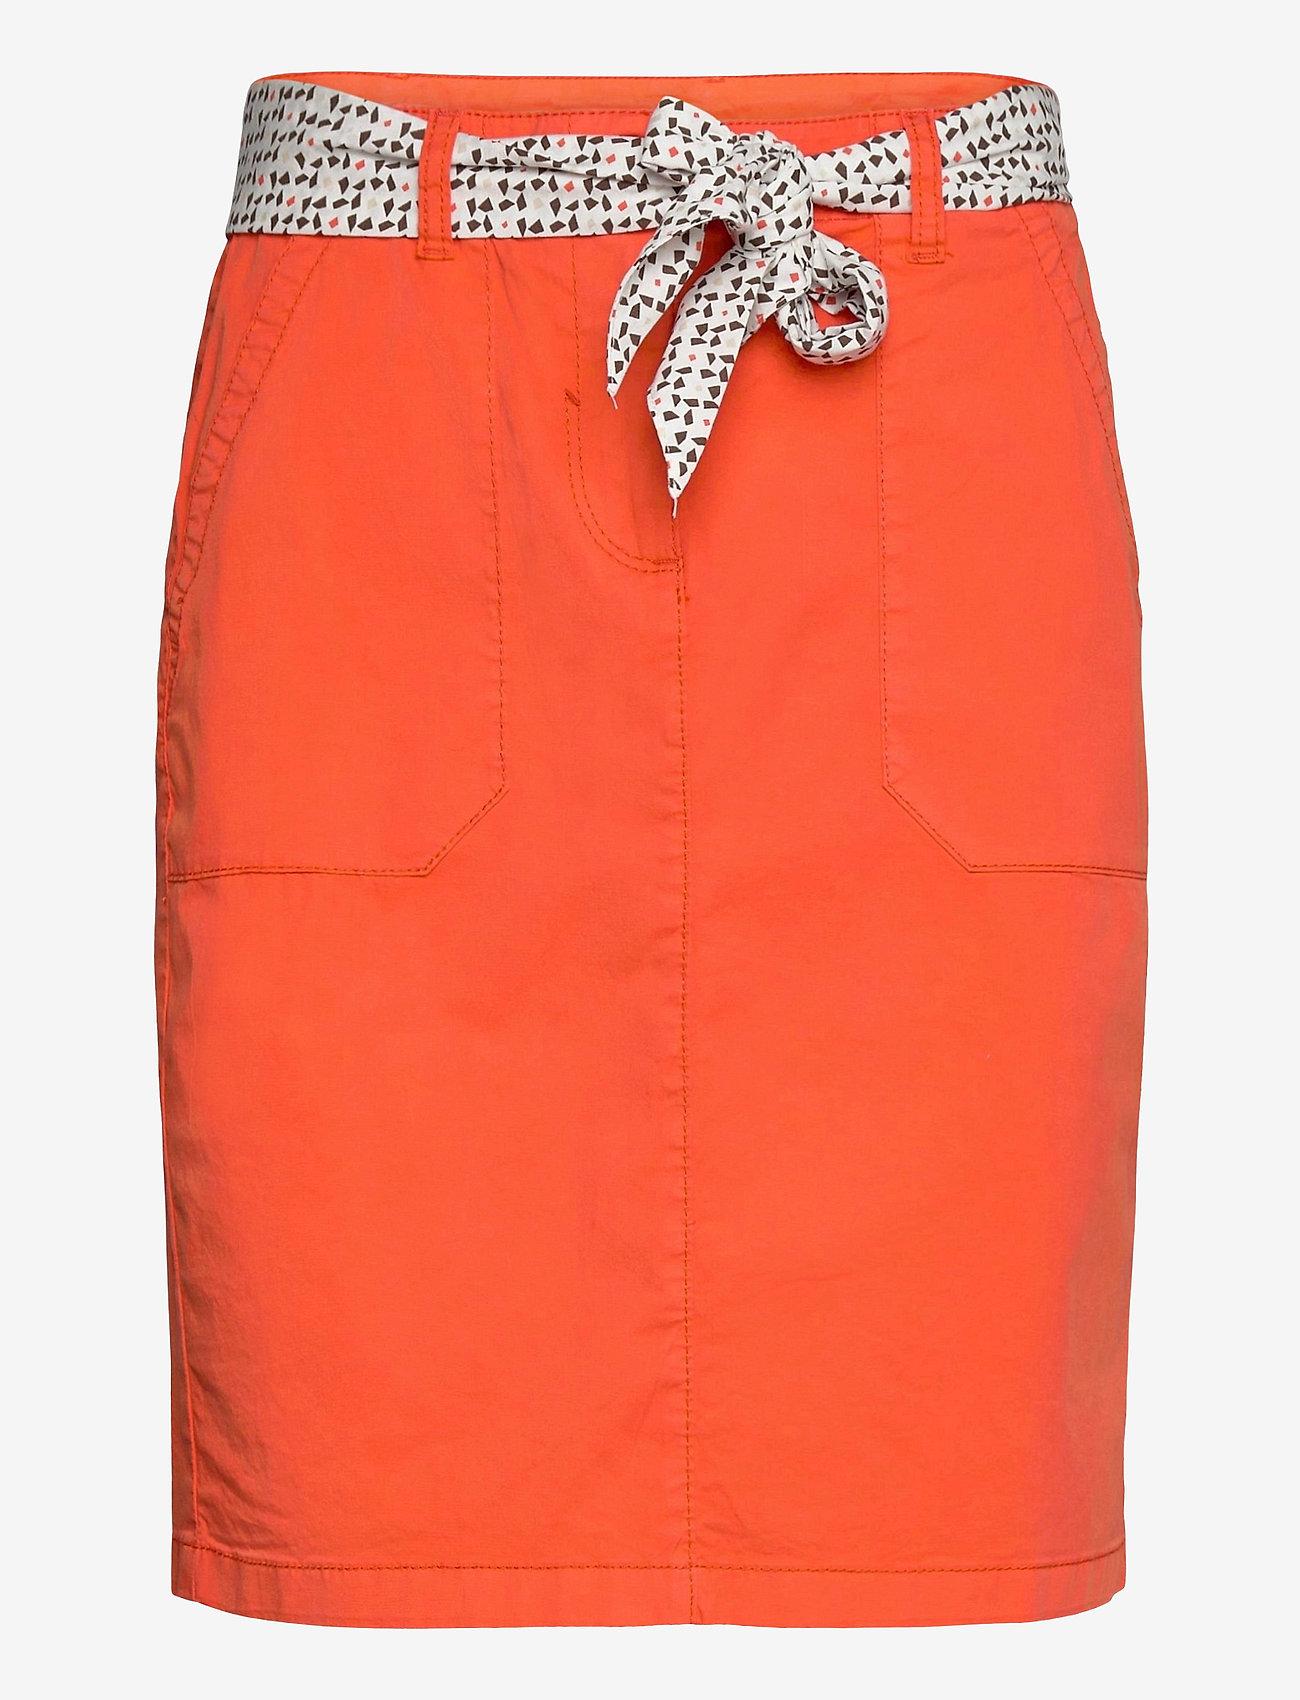 Tom Tailor - skirt solid - pennkjolar - strong flame orange - 0